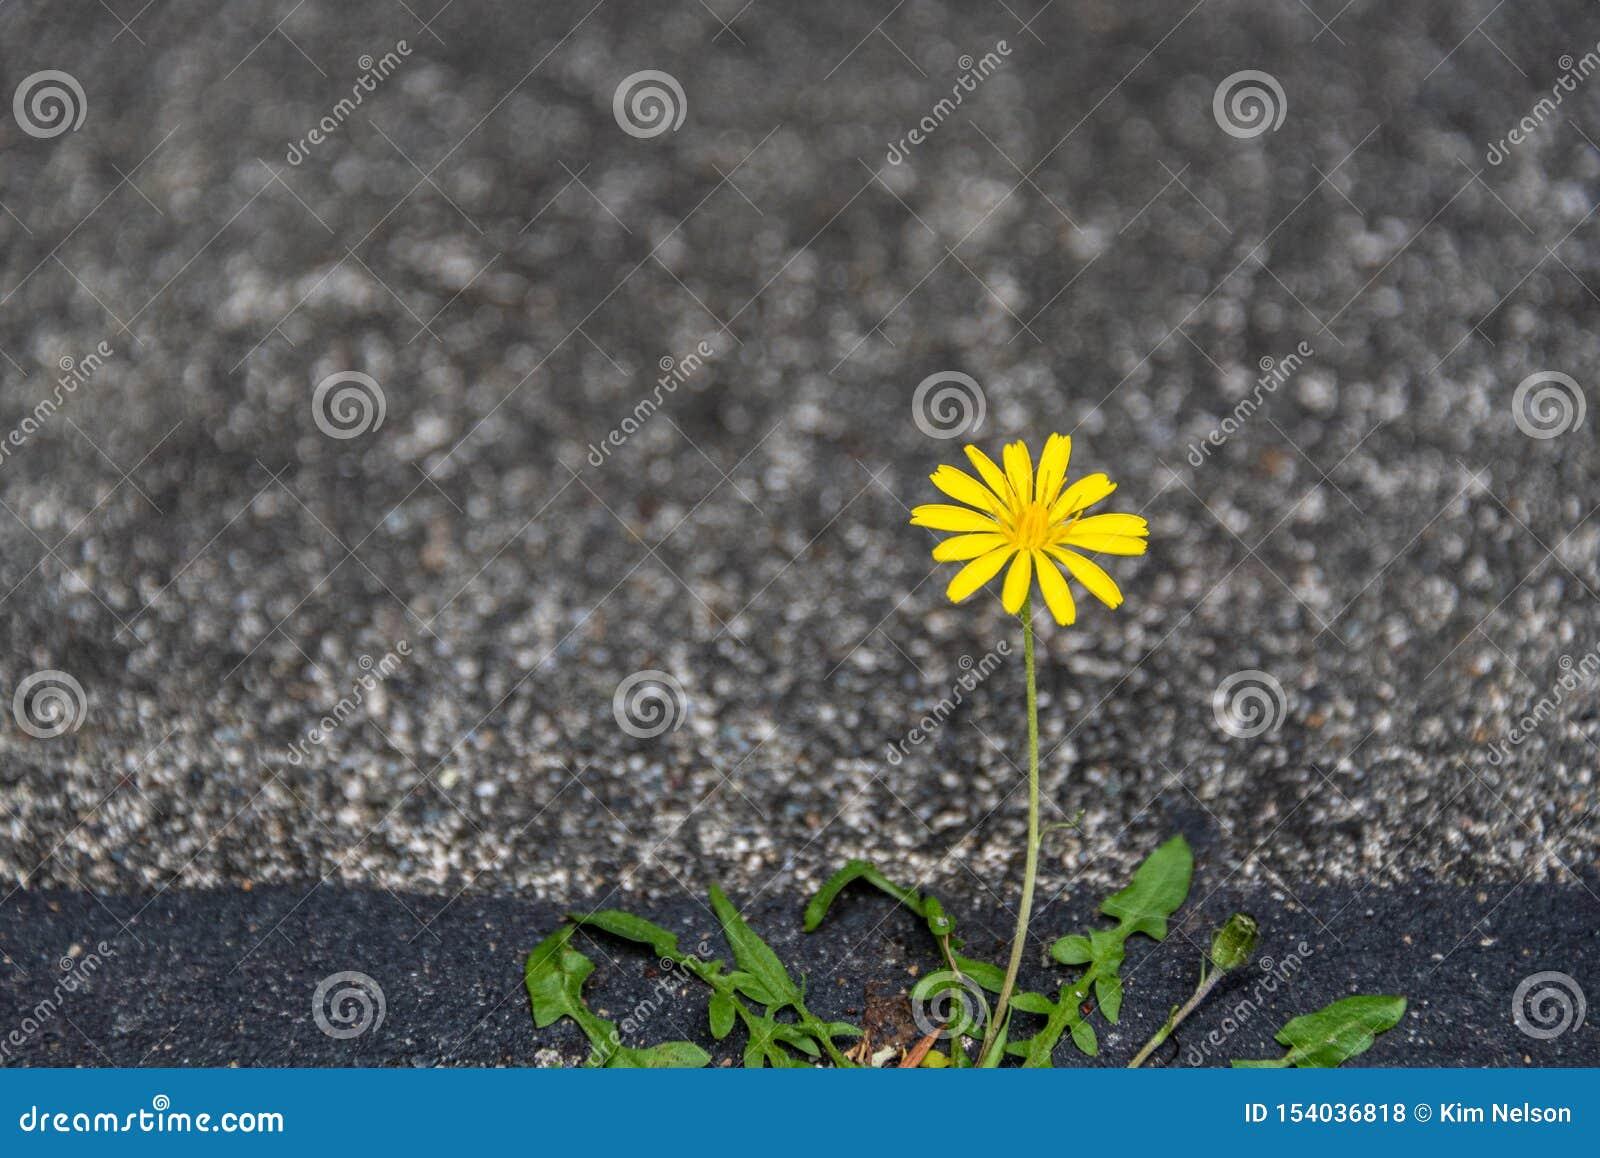 Dente-de-leão amarelo pequeno que cresce e que floresce com determinação em uma quebra entre o asfalto e o concreto